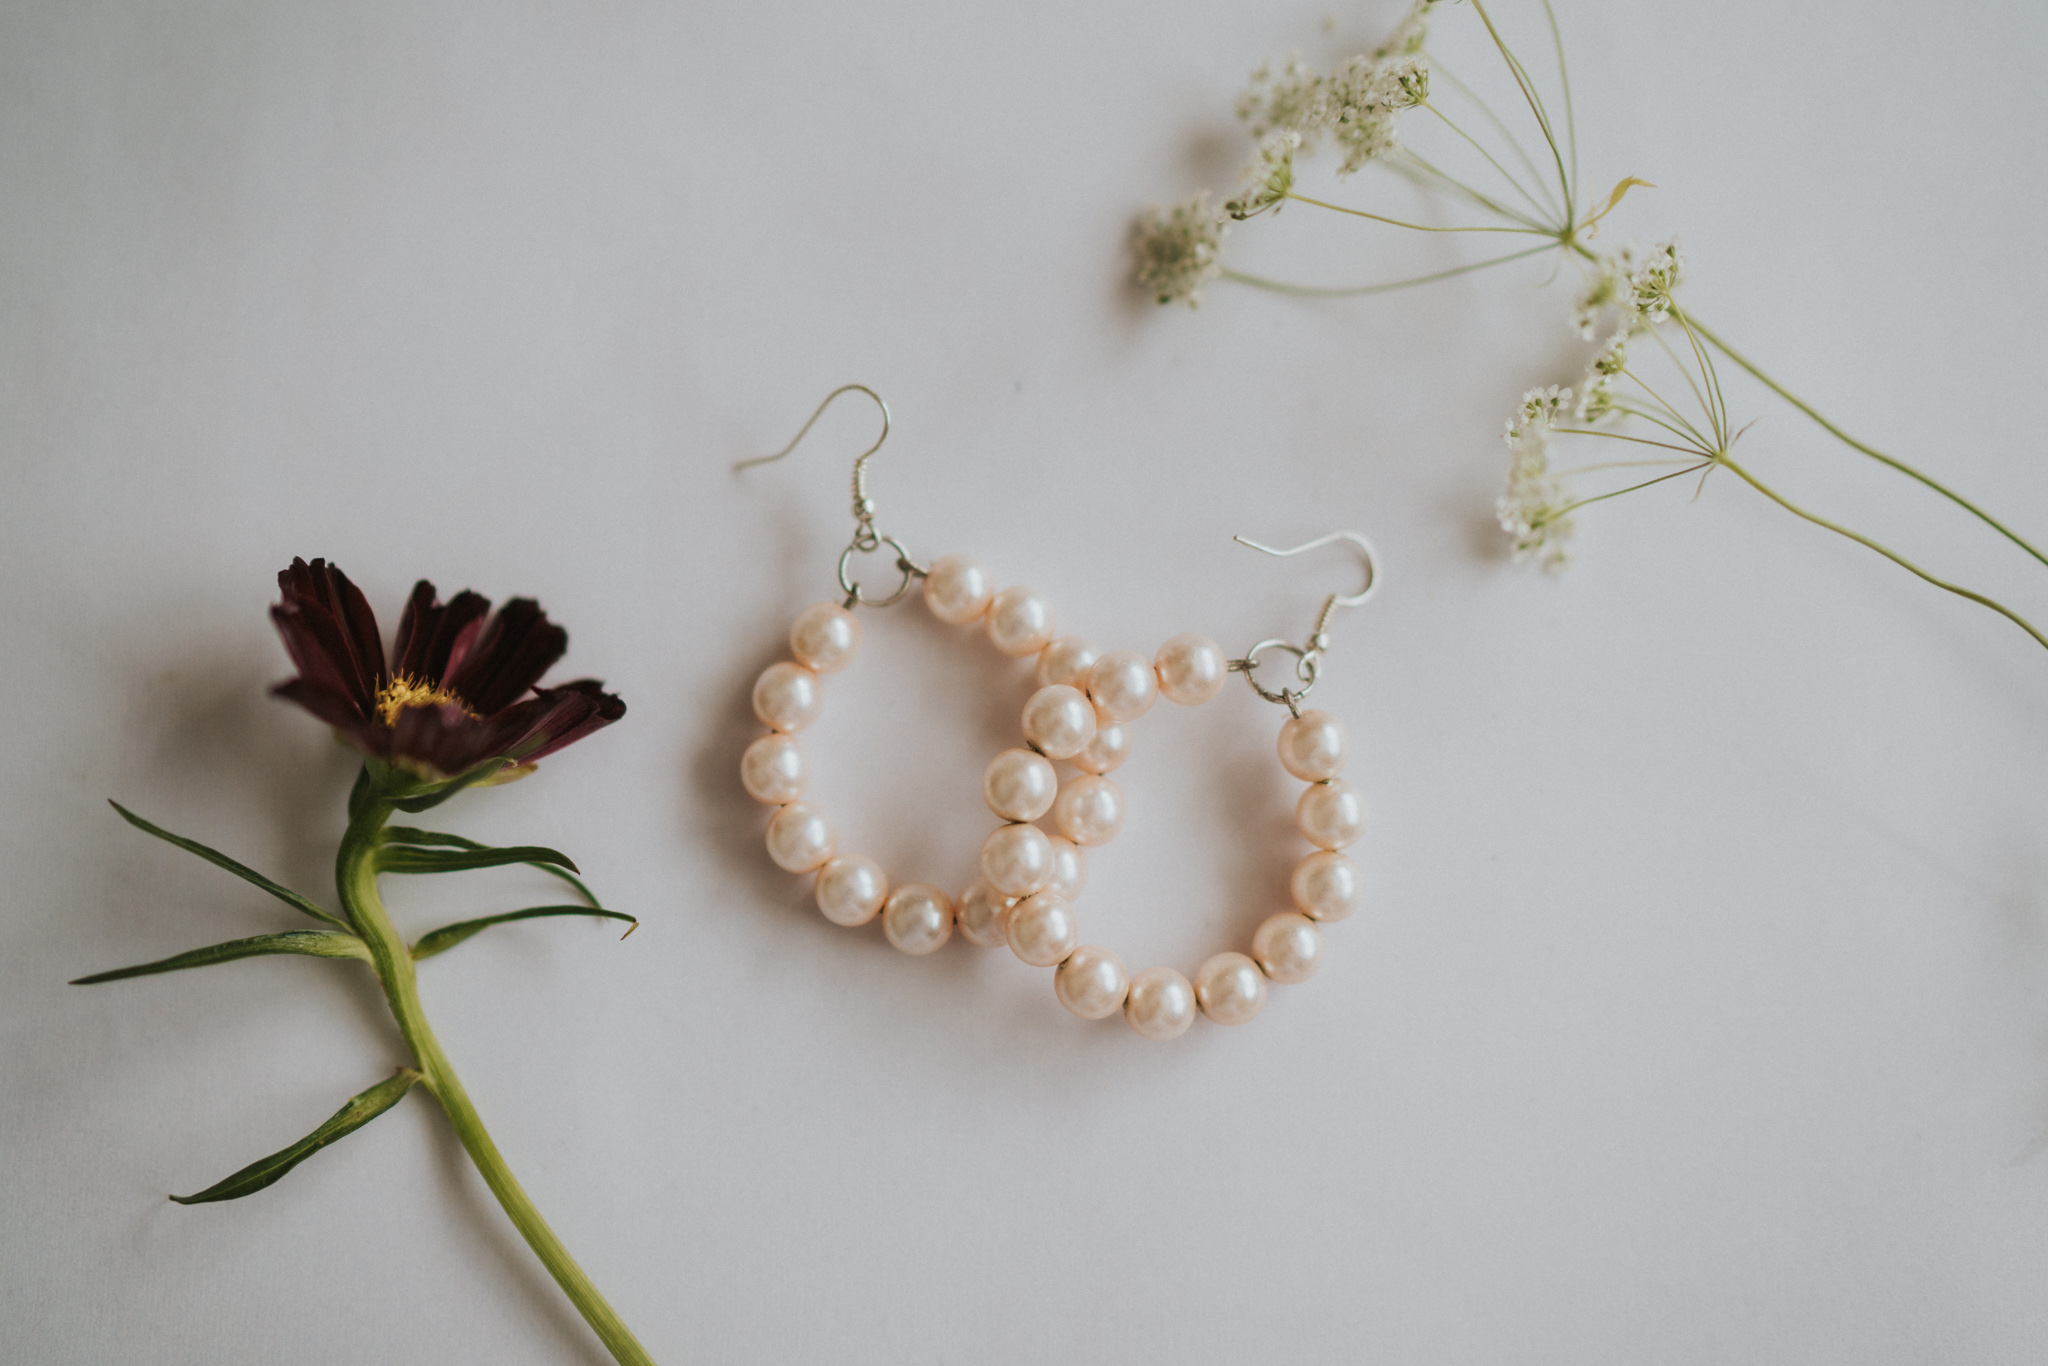 to-be-adorned-vintage-handmade-jewellery-grace-elizabeth-colchester-essex-alternative-wedding-lifestyle-photographer-essex-suffolk-norfolk-devon (2 of 8).jpg